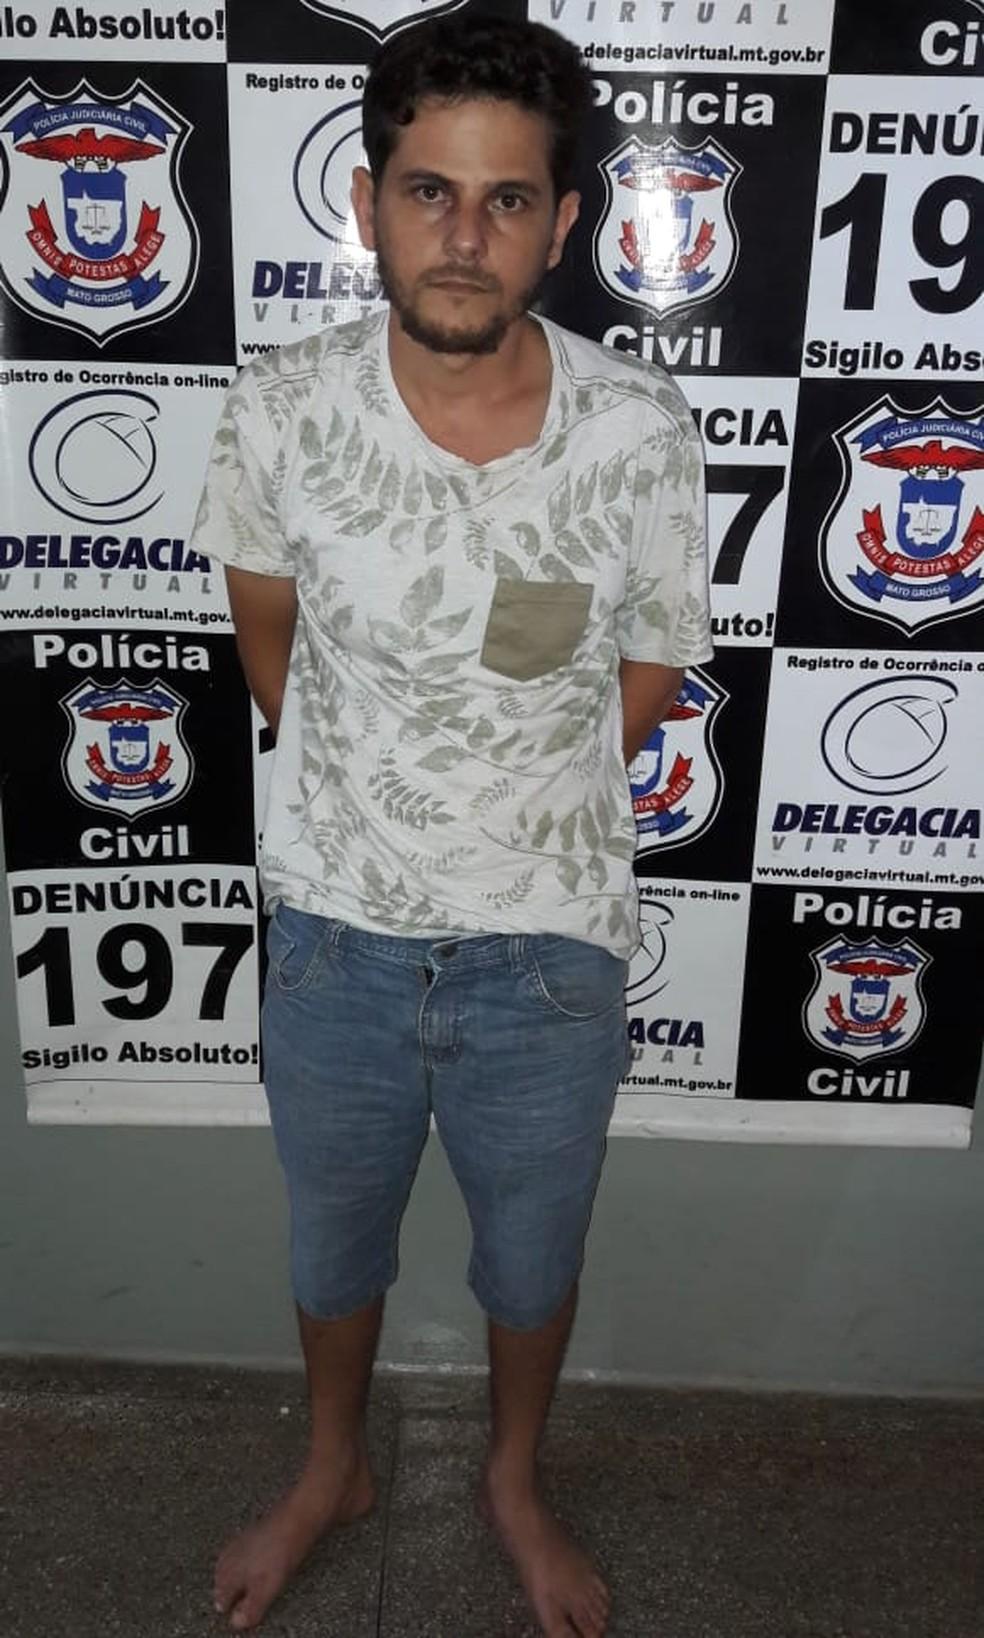 Juney Bonaido de Souza foi preso suspeito de mandar roubar a ex-mulher para que ela reatasse o relacionamento com ele em Rondonópolis — Foto: Polícia Civil de Mato Grosso/Assessoria